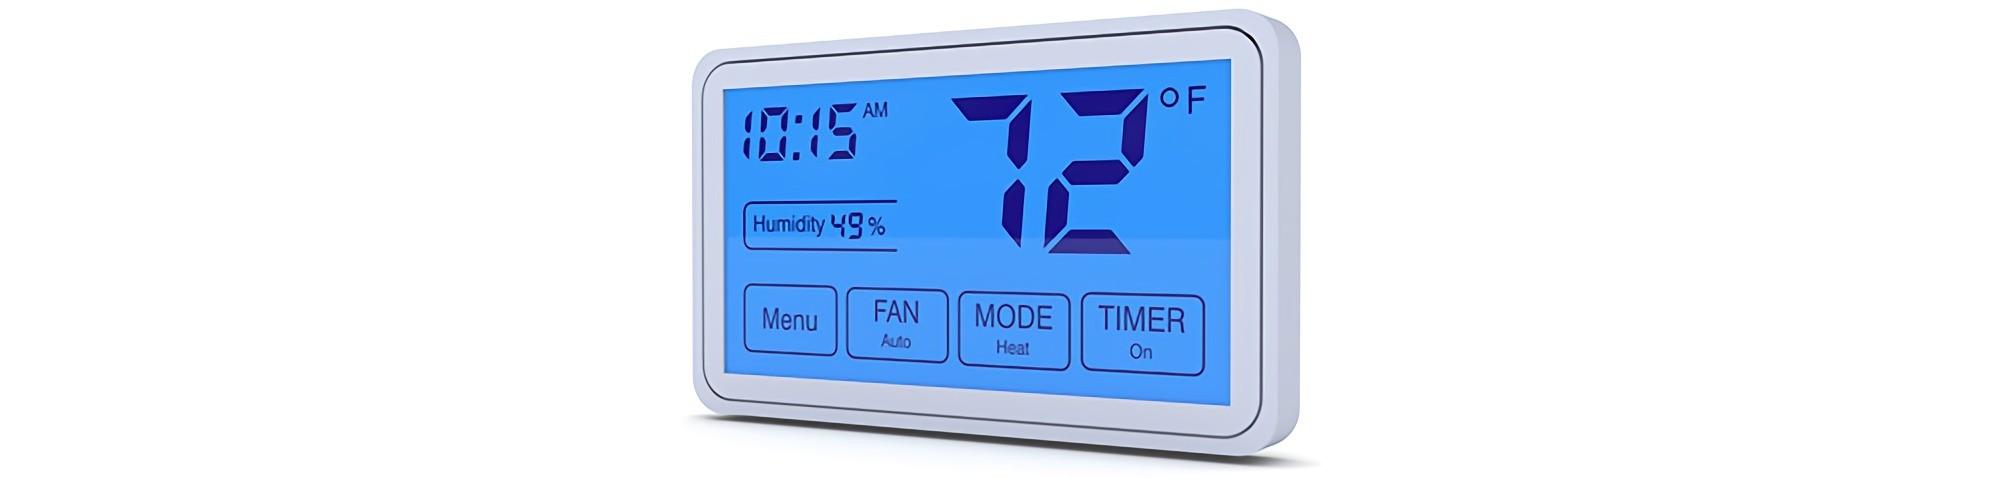 smart thermostat HVAC system